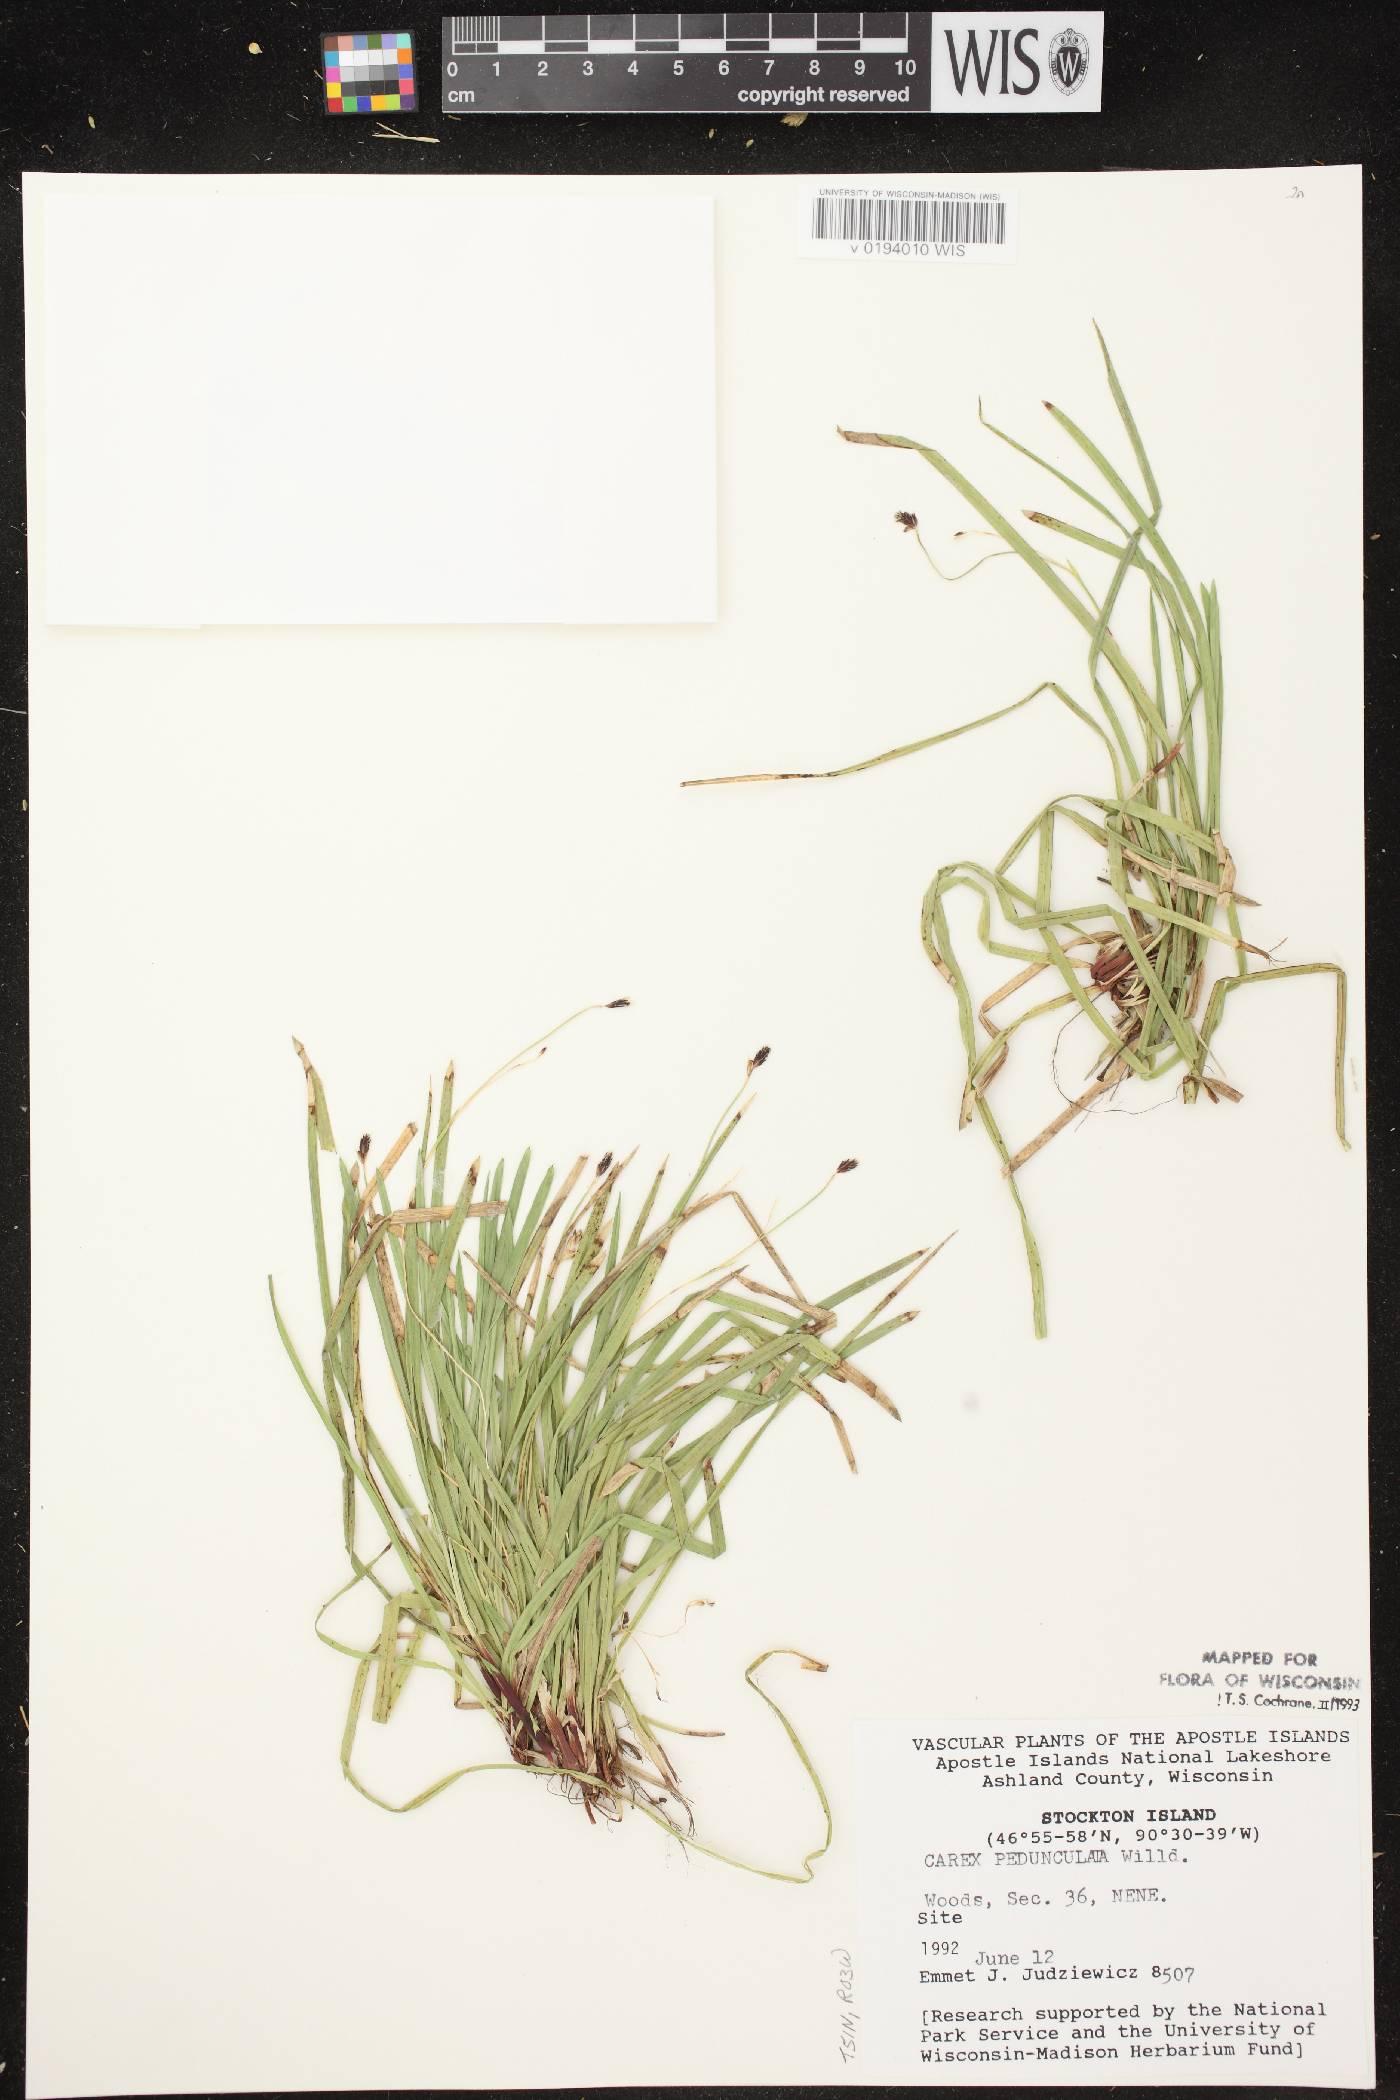 Carex pedunculata image